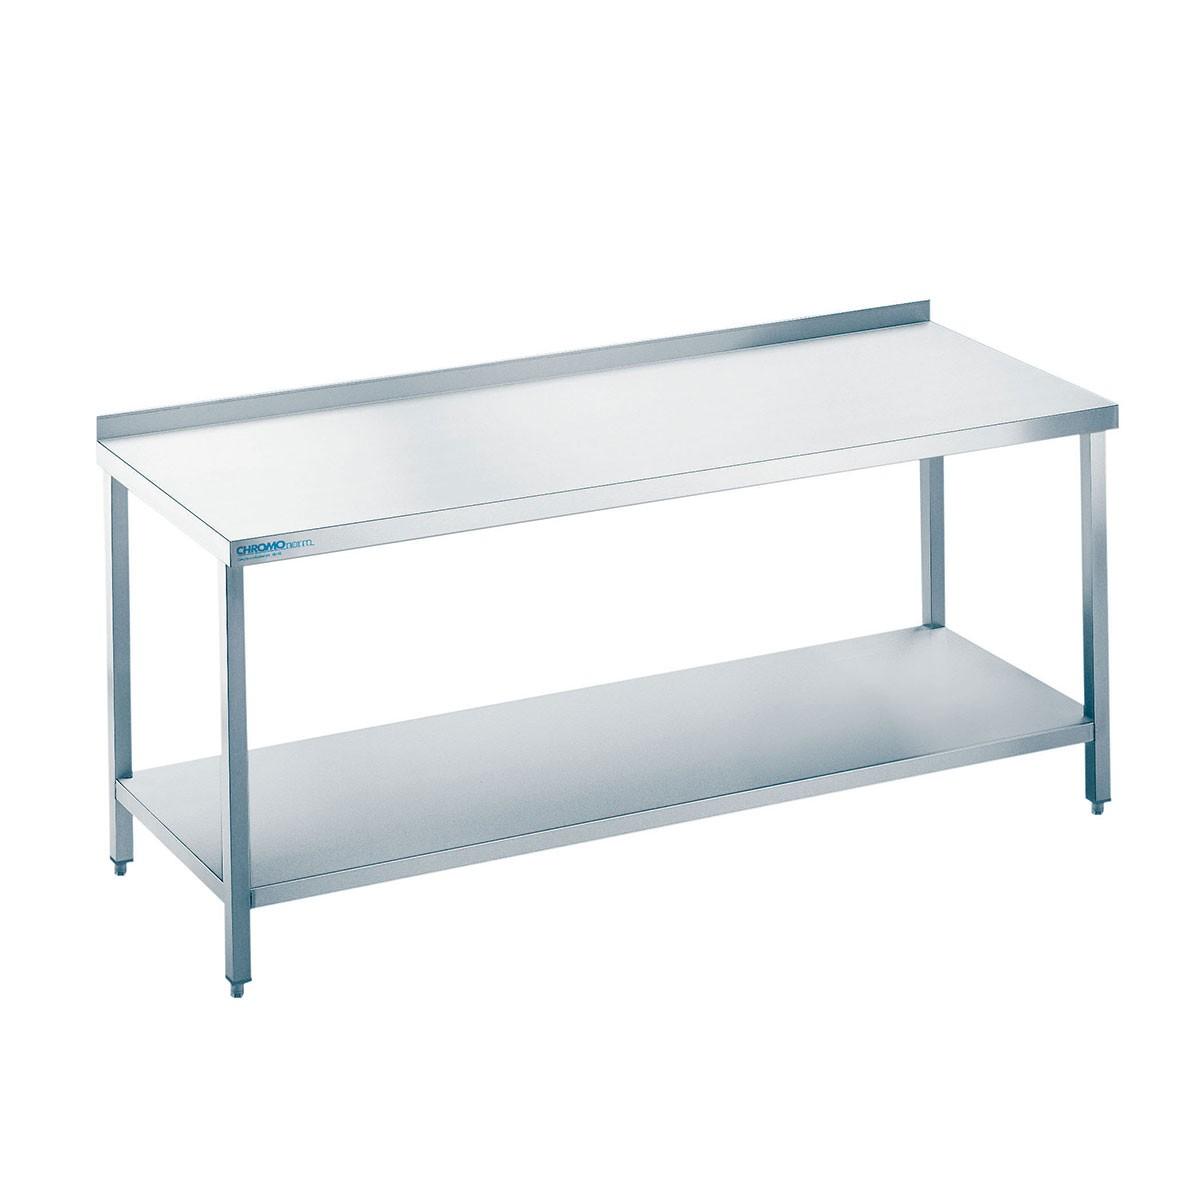 Edelstahl Arbeitstisch mit Zwischenboden TZ0712C0000 Chromonorm 700mm x 1200mm